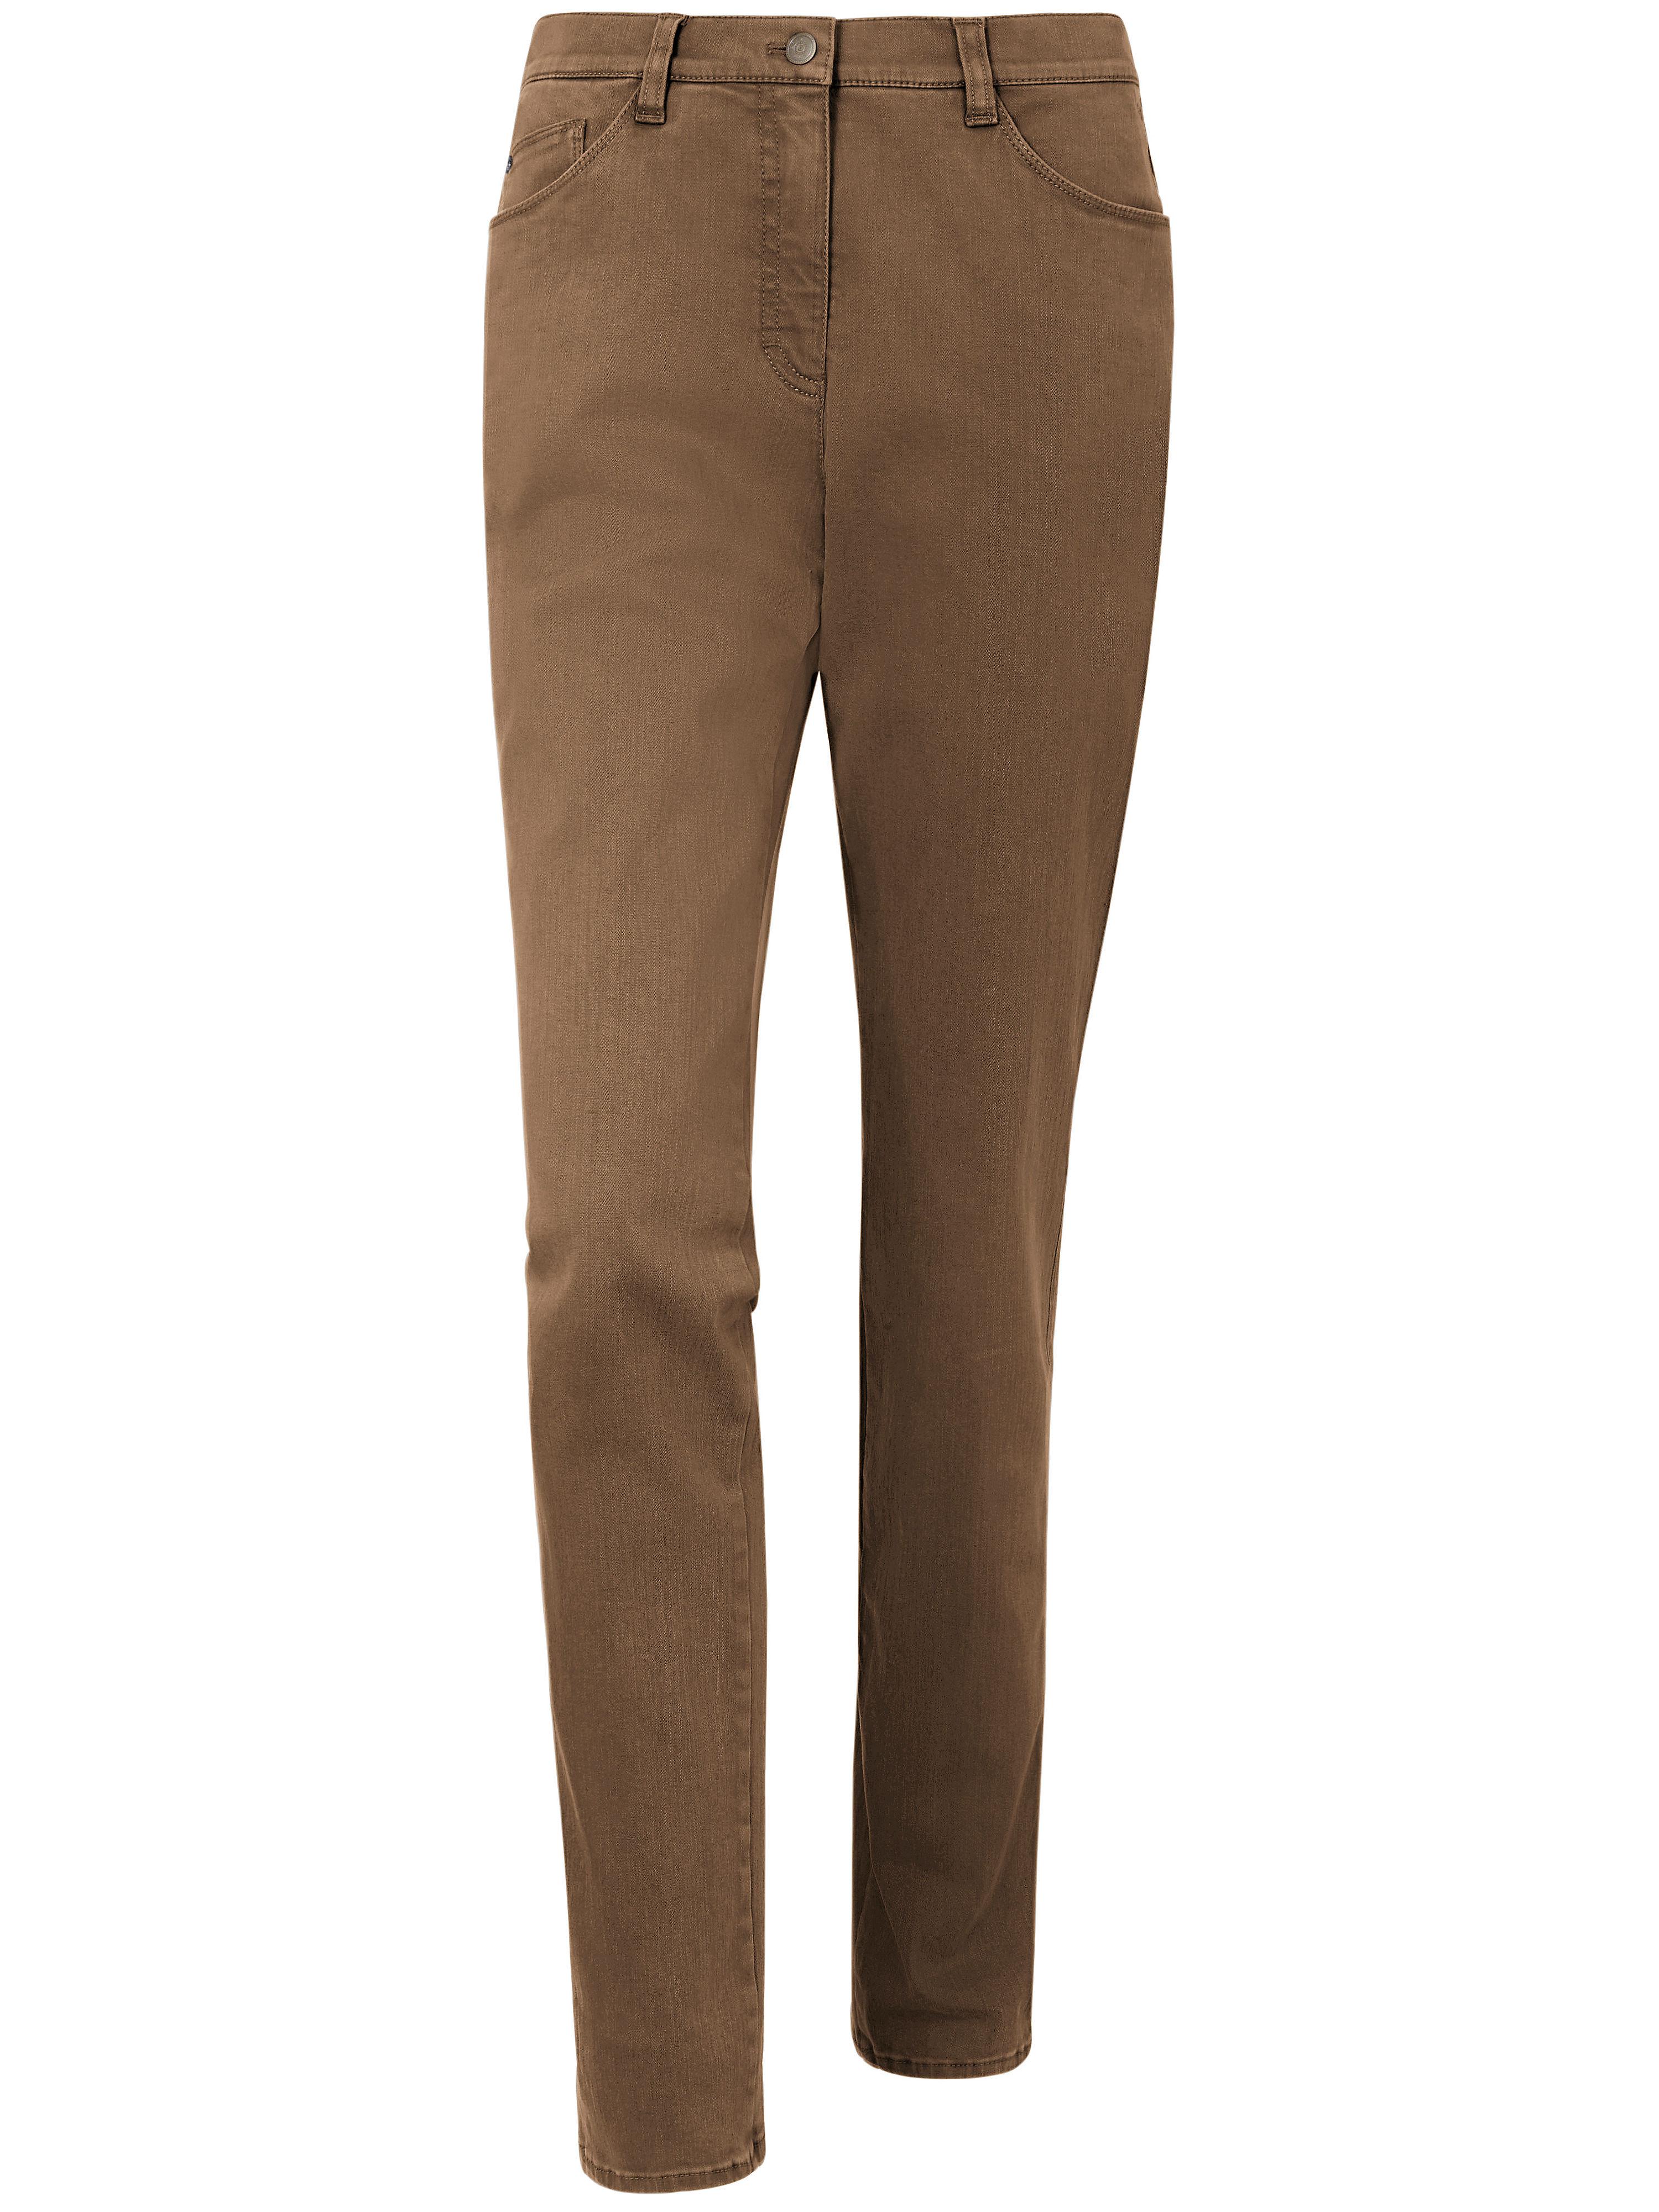 Image of   'Slim Fit'-jeans fra Brax Feel Good, model MARY Fra Brax Feel Good brun